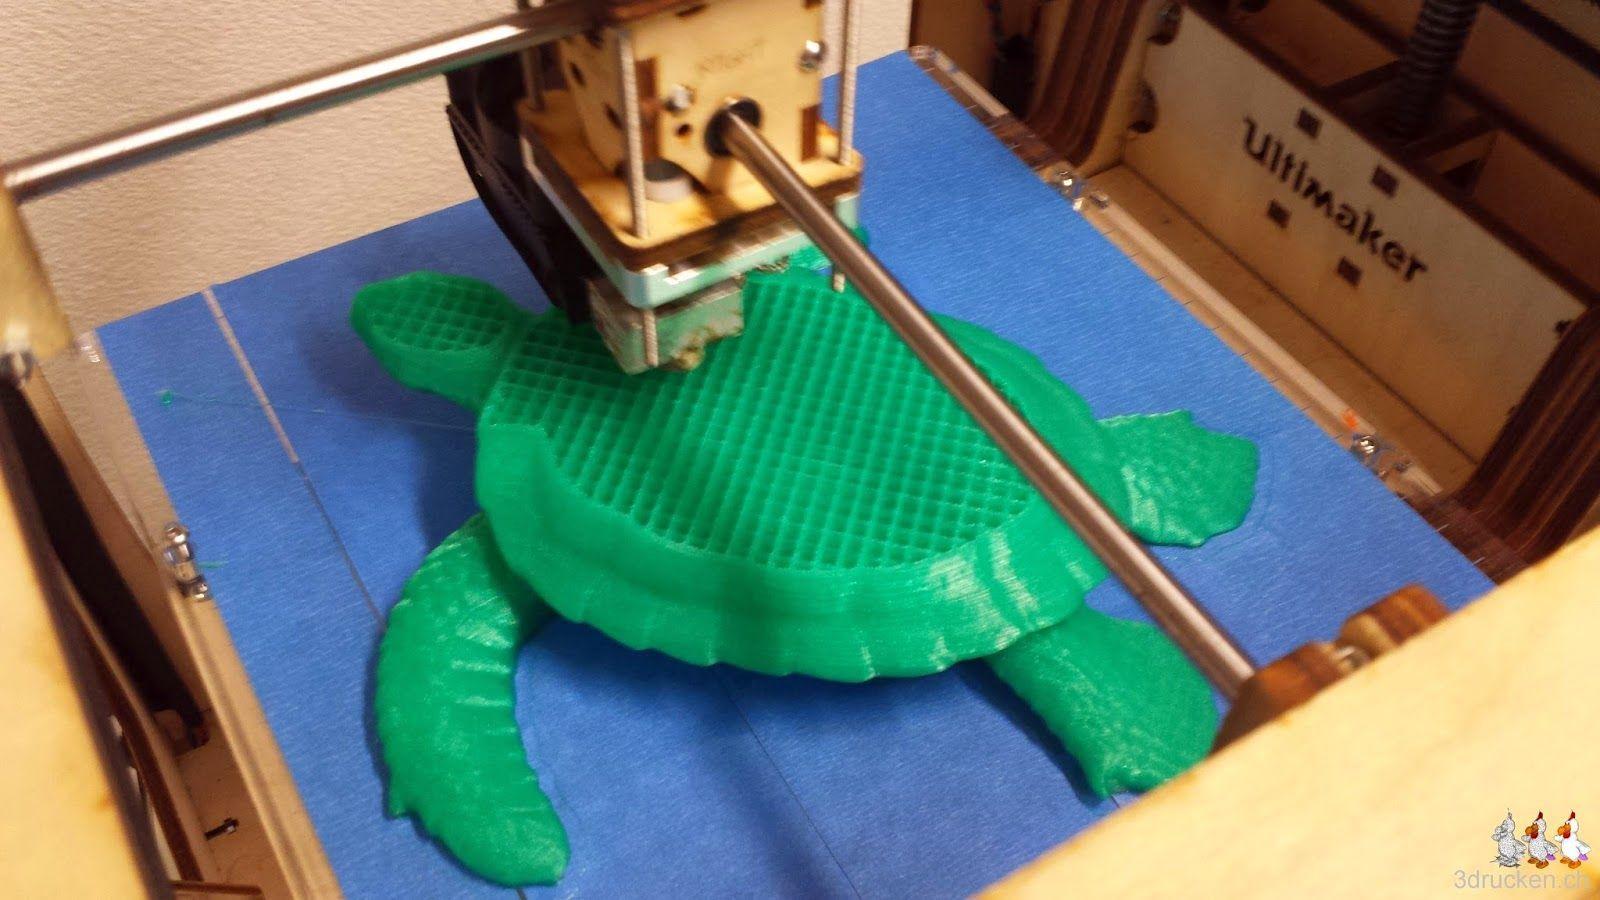 Foto vom weit fortgeschrittenen Druck der Schildkröte auf dem Ultimaker Original